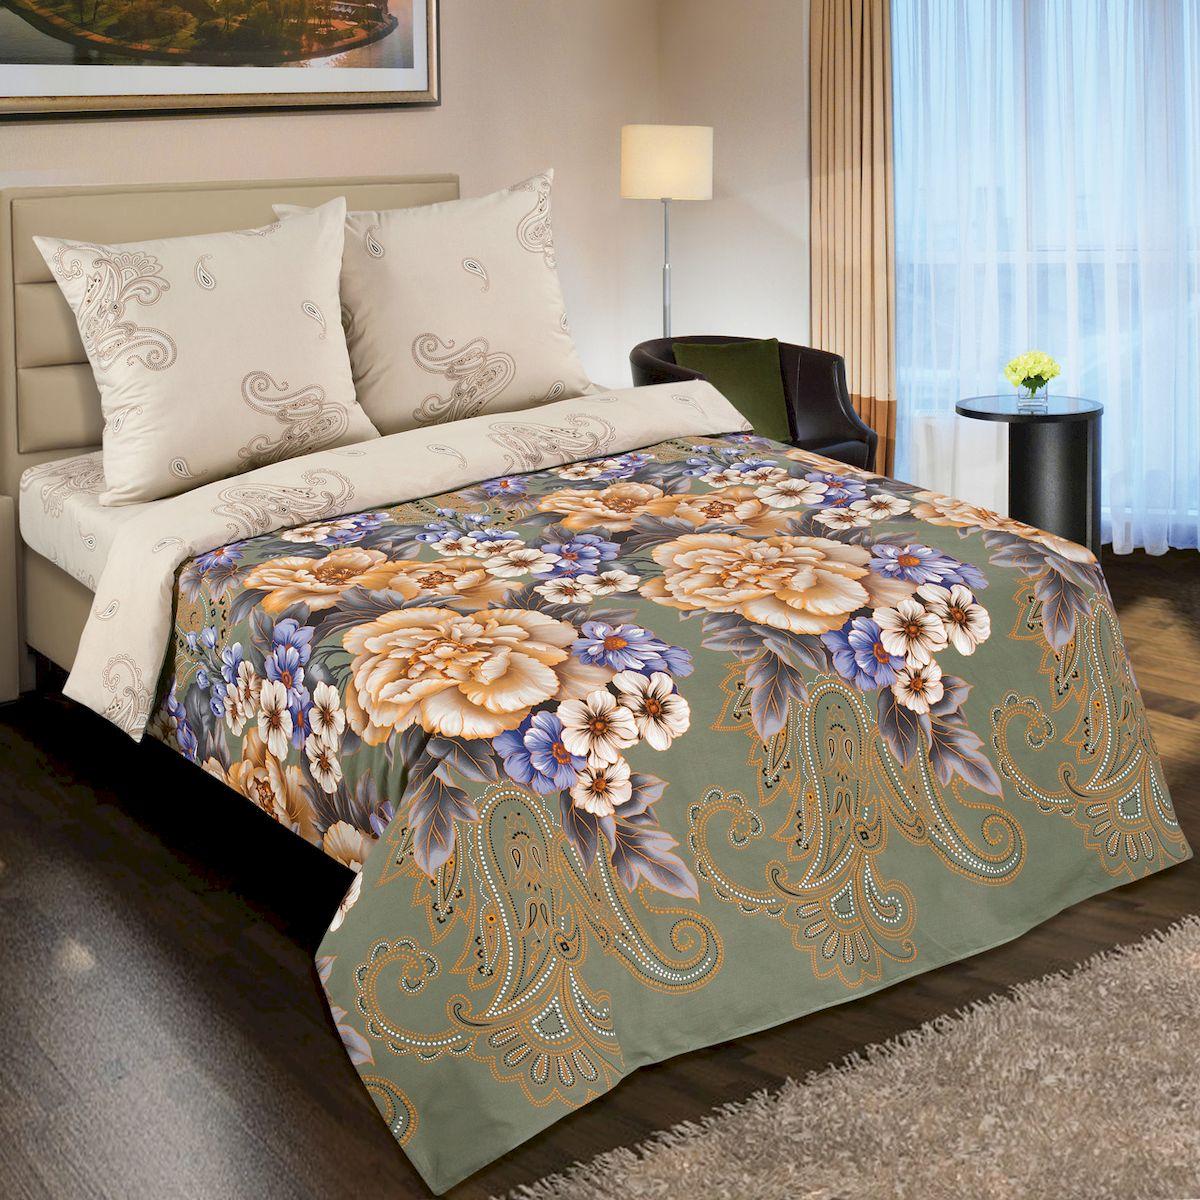 Комплект белья АртПостель Золотая вышивка, 1,5 спальное, наволочки 70x70. 900900